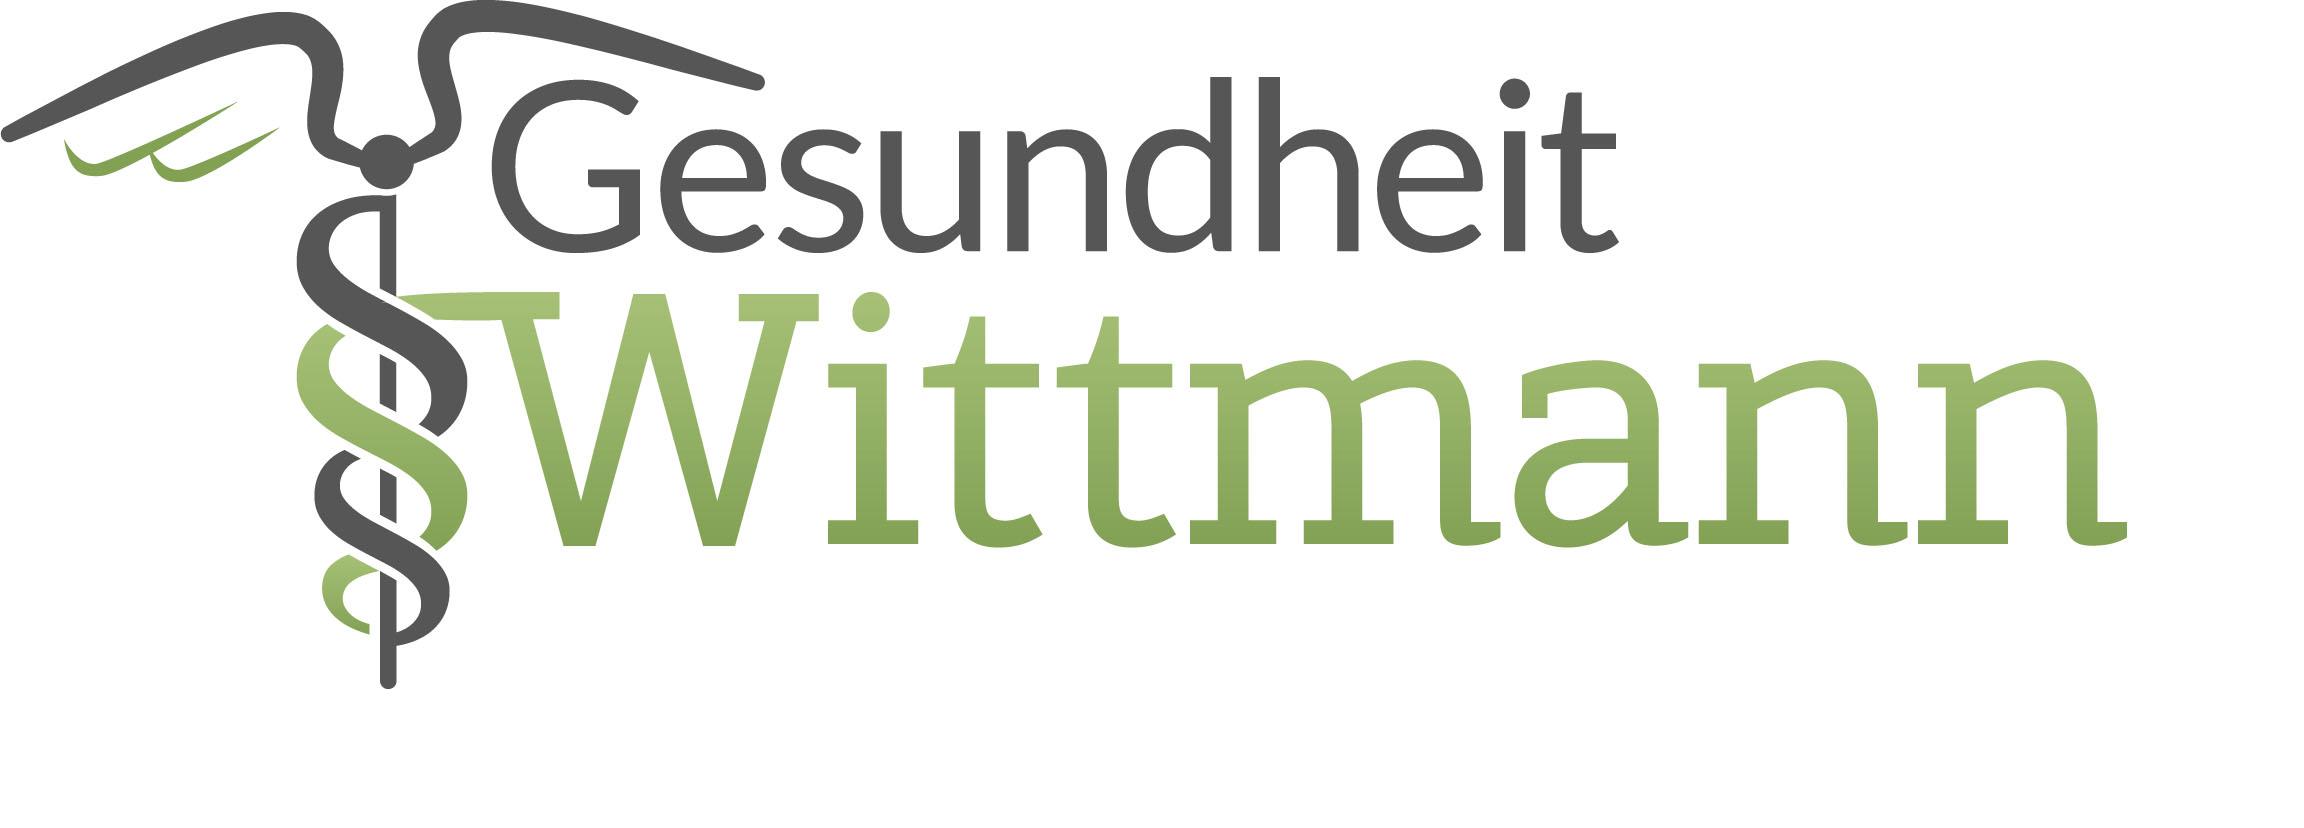 Gesundheit Wittmann